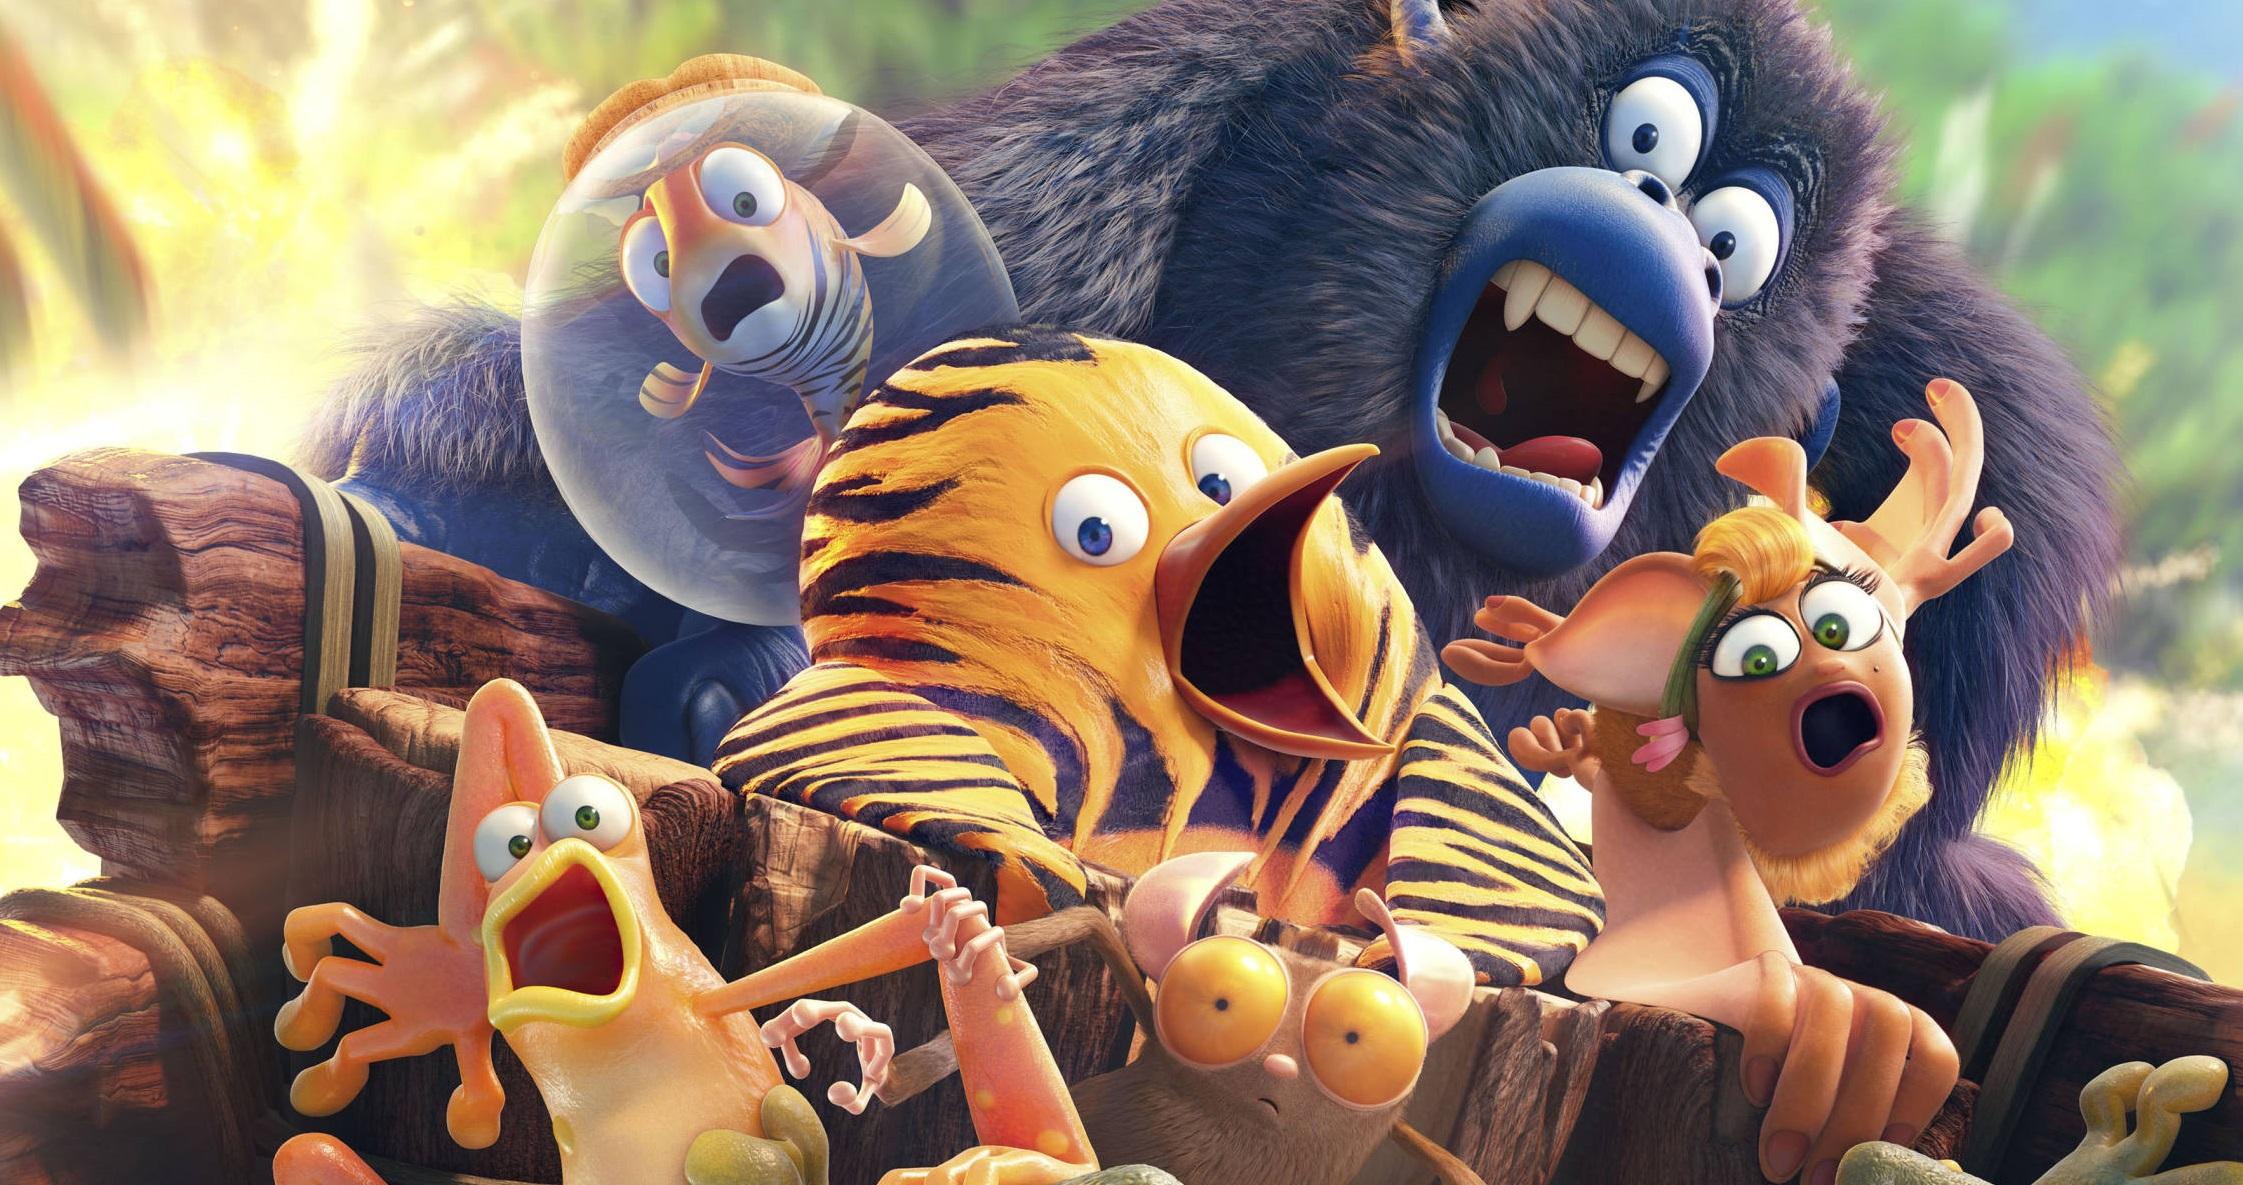 Дозор джунглей 2018 описание фильма